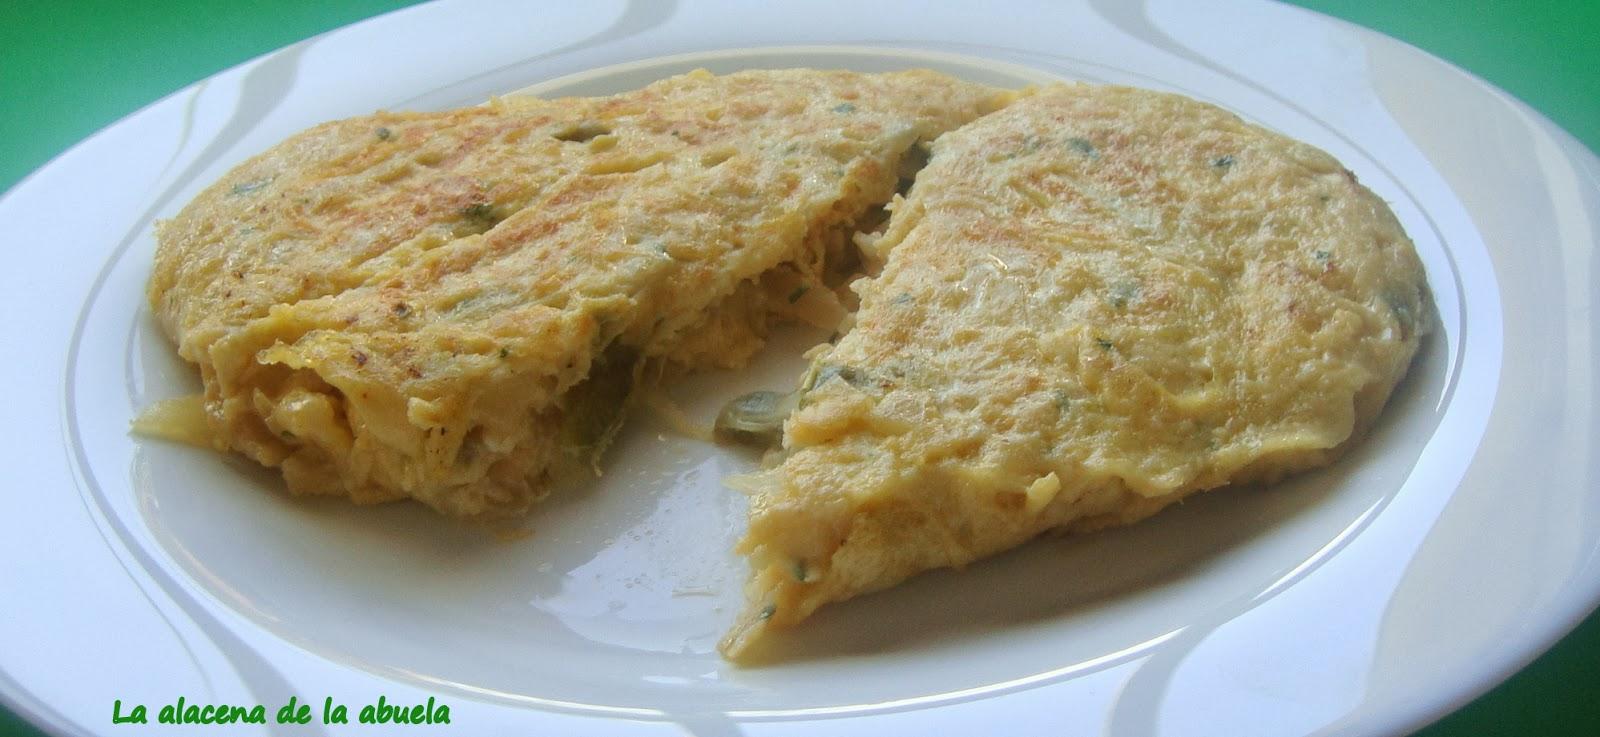 La alacena de la abuela carmen tortilla de bacalao estilo for Cocina casera de la abuela